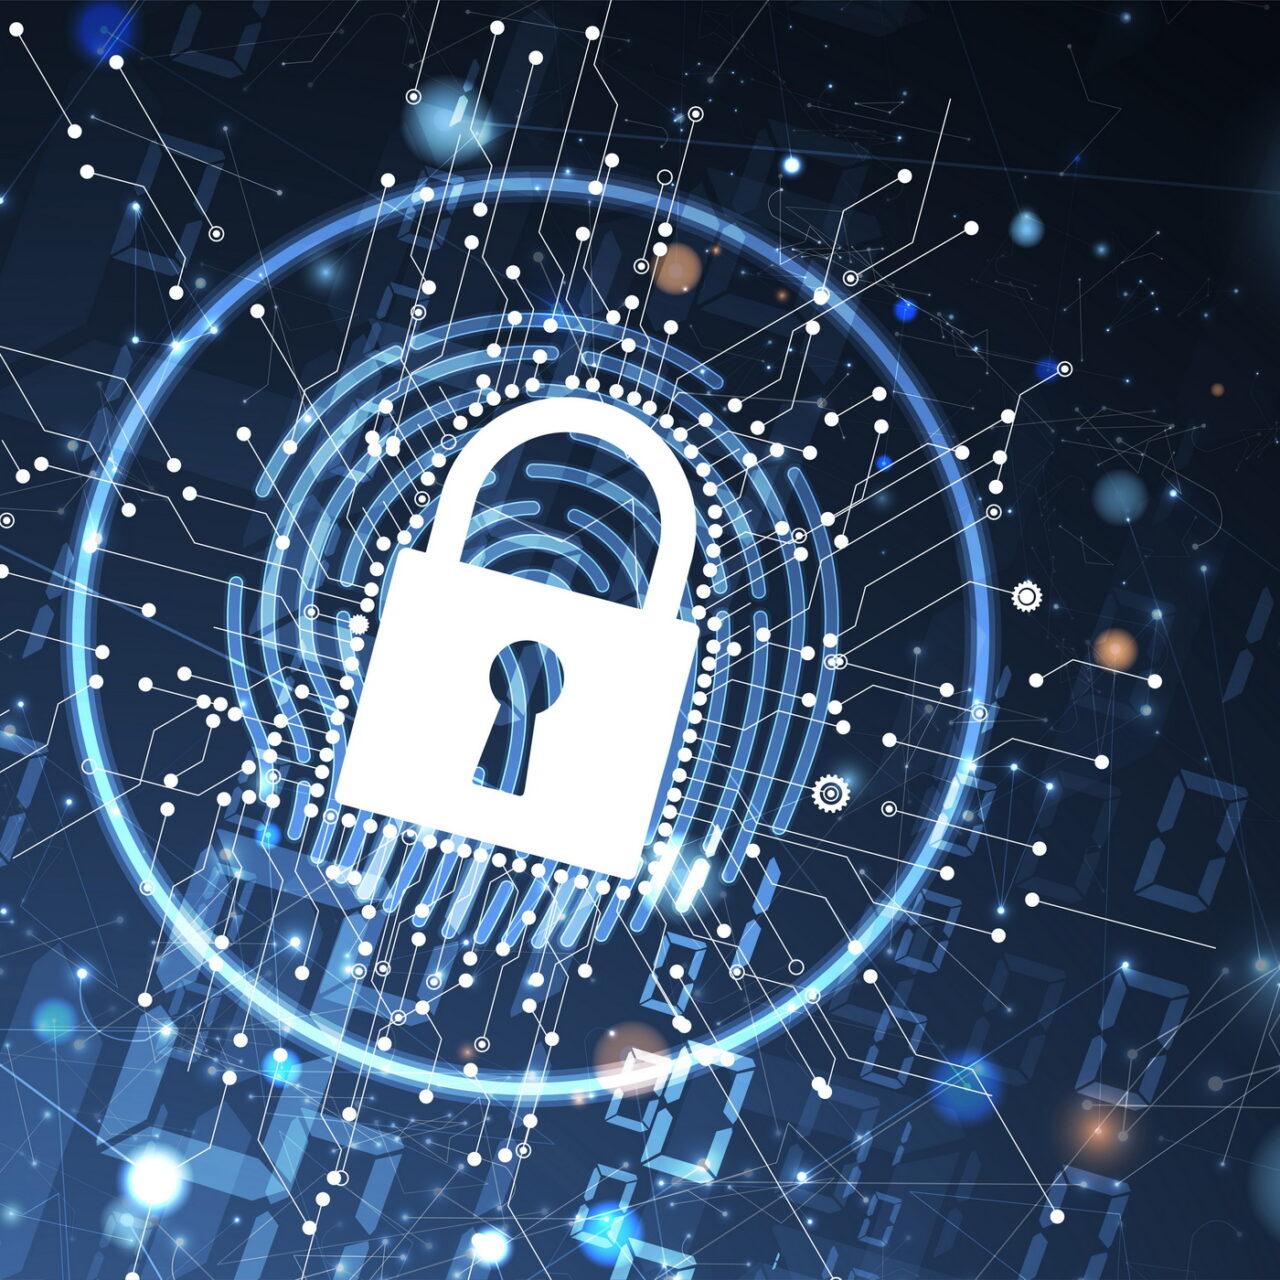 Gesetzesentwurf für digitale Wertpapiere